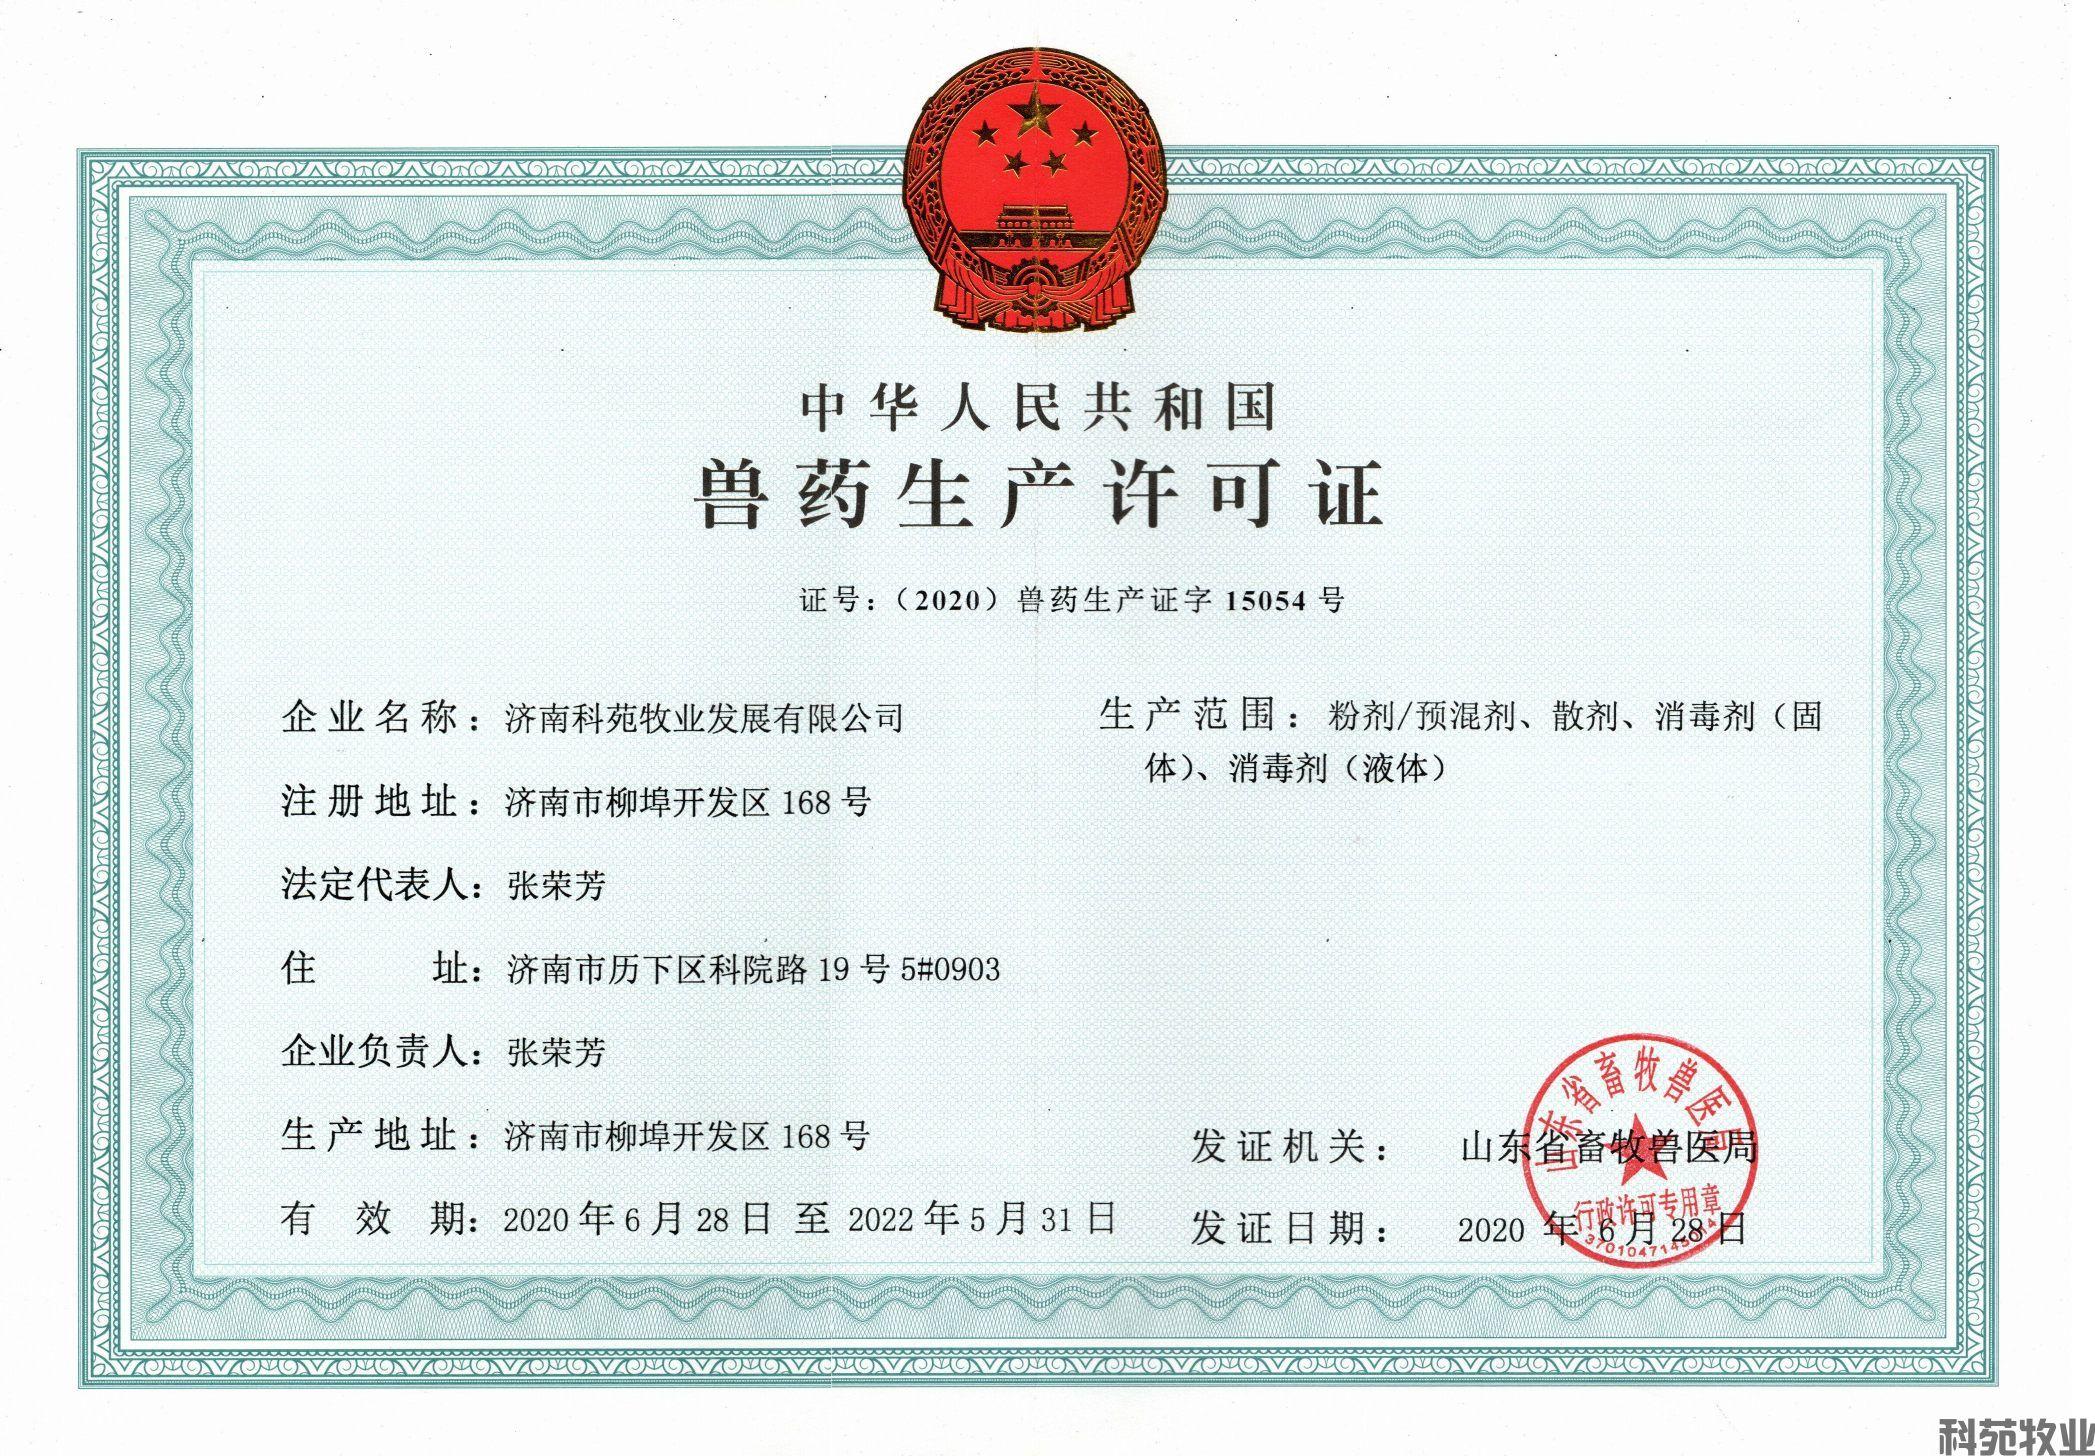 生产许可证号 2020(图1)